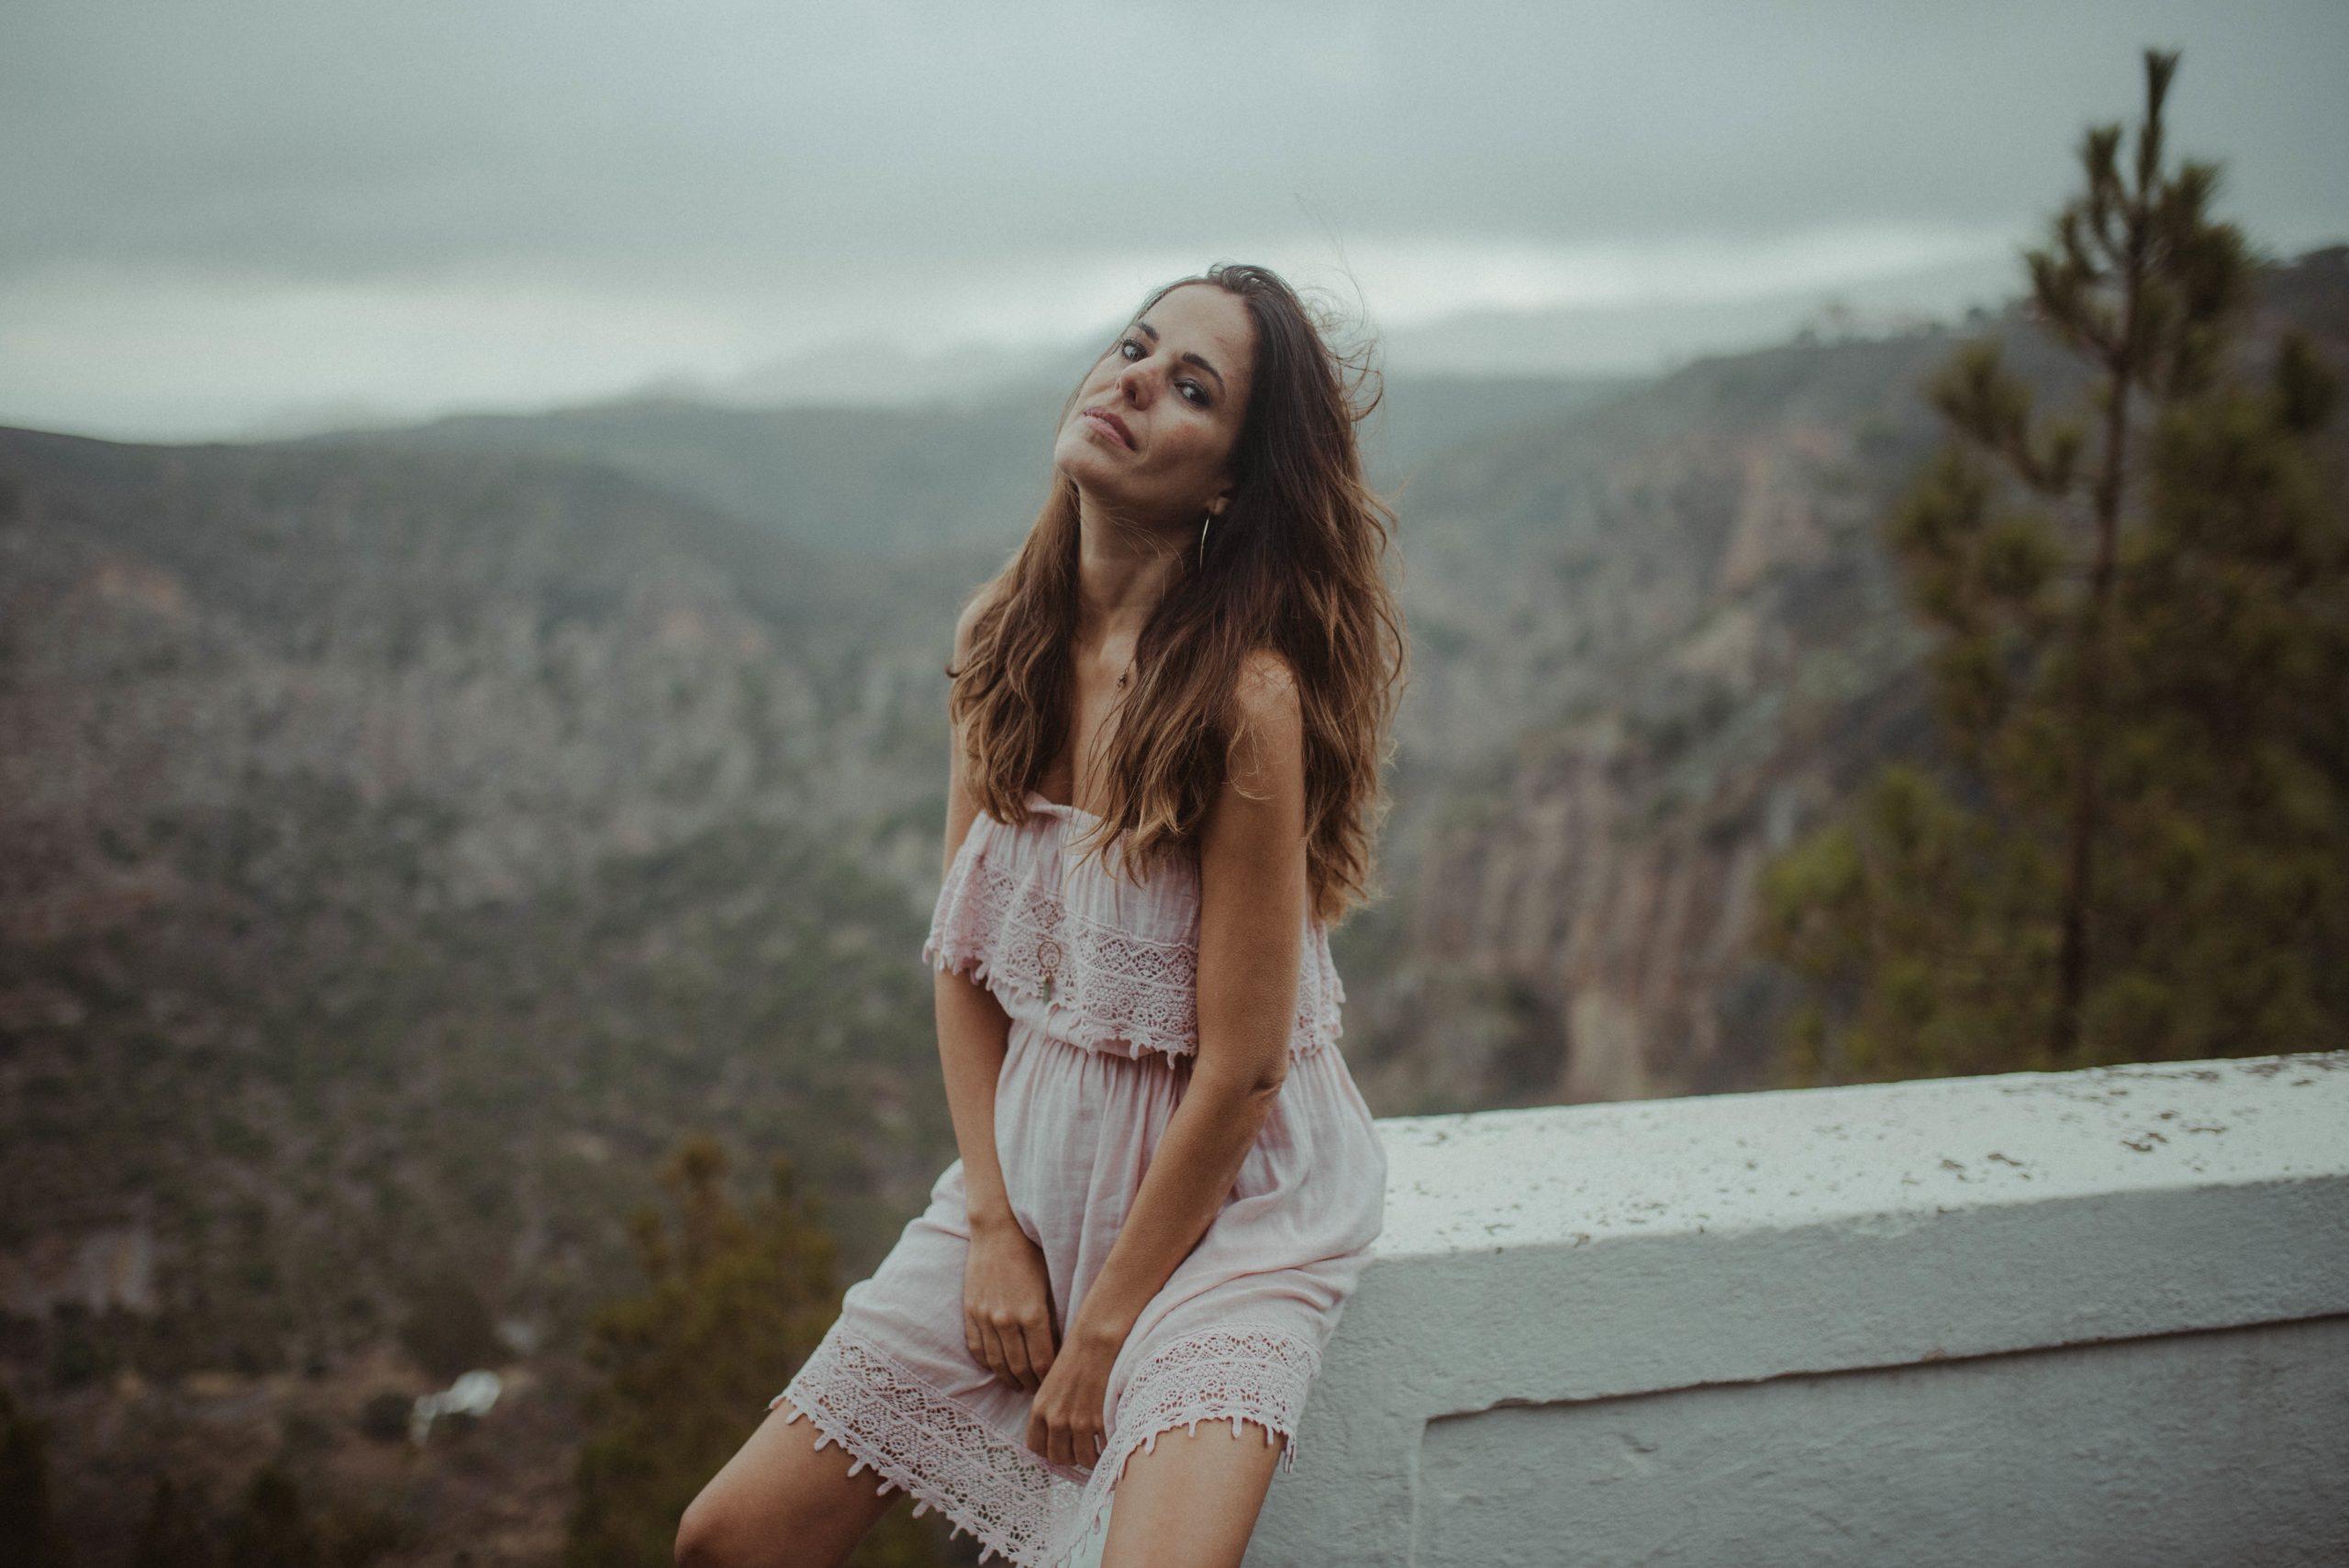 Irma Correa